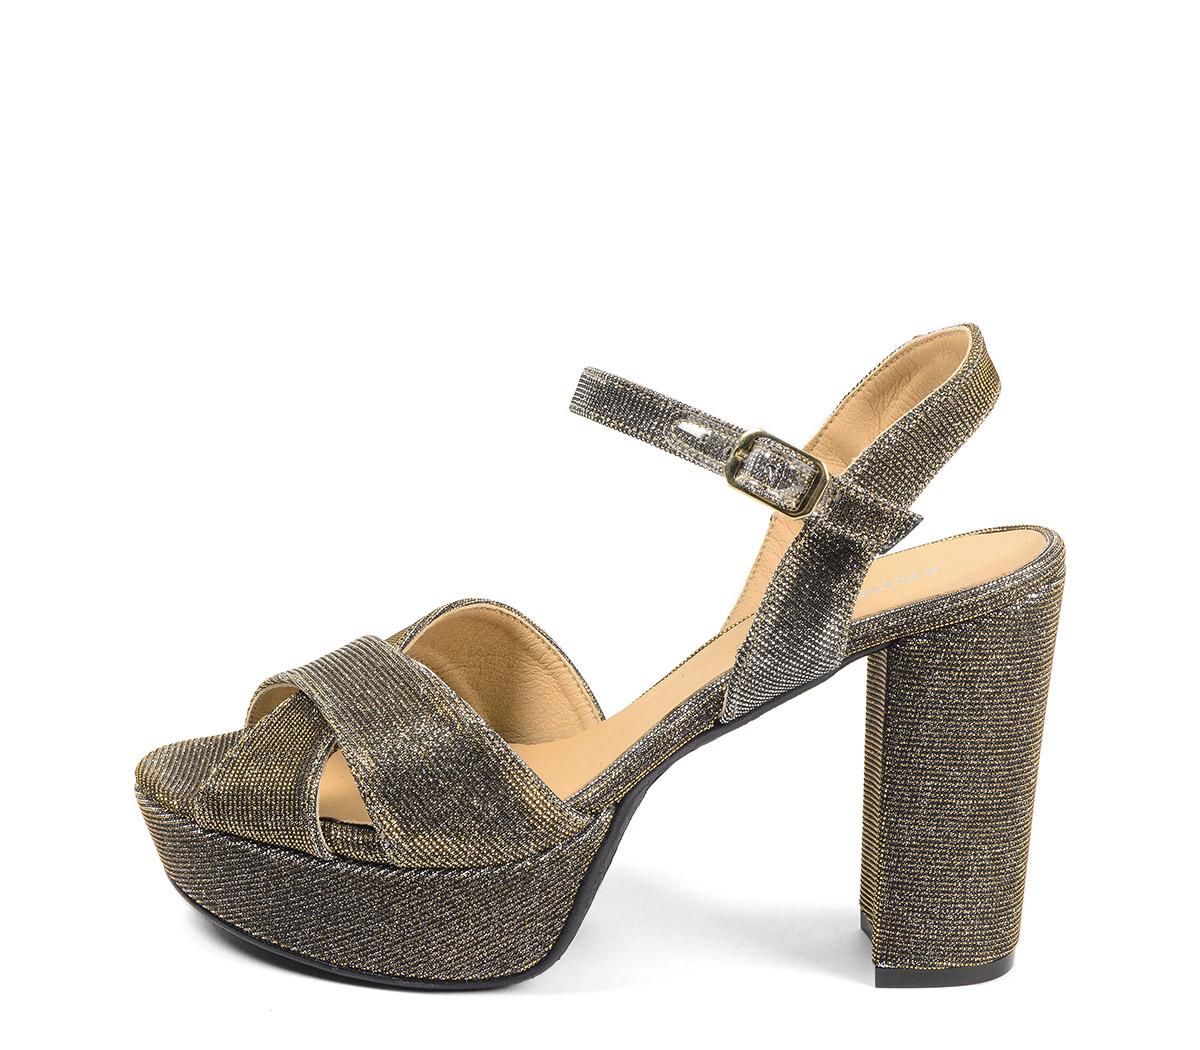 Ref. 4129 Sandalia brillante oro viejo con pala cruzada y pulsera al tobillo. Hebilla dorada. Tacón de 10.5 cm y plataforma delantera de 3 cm.